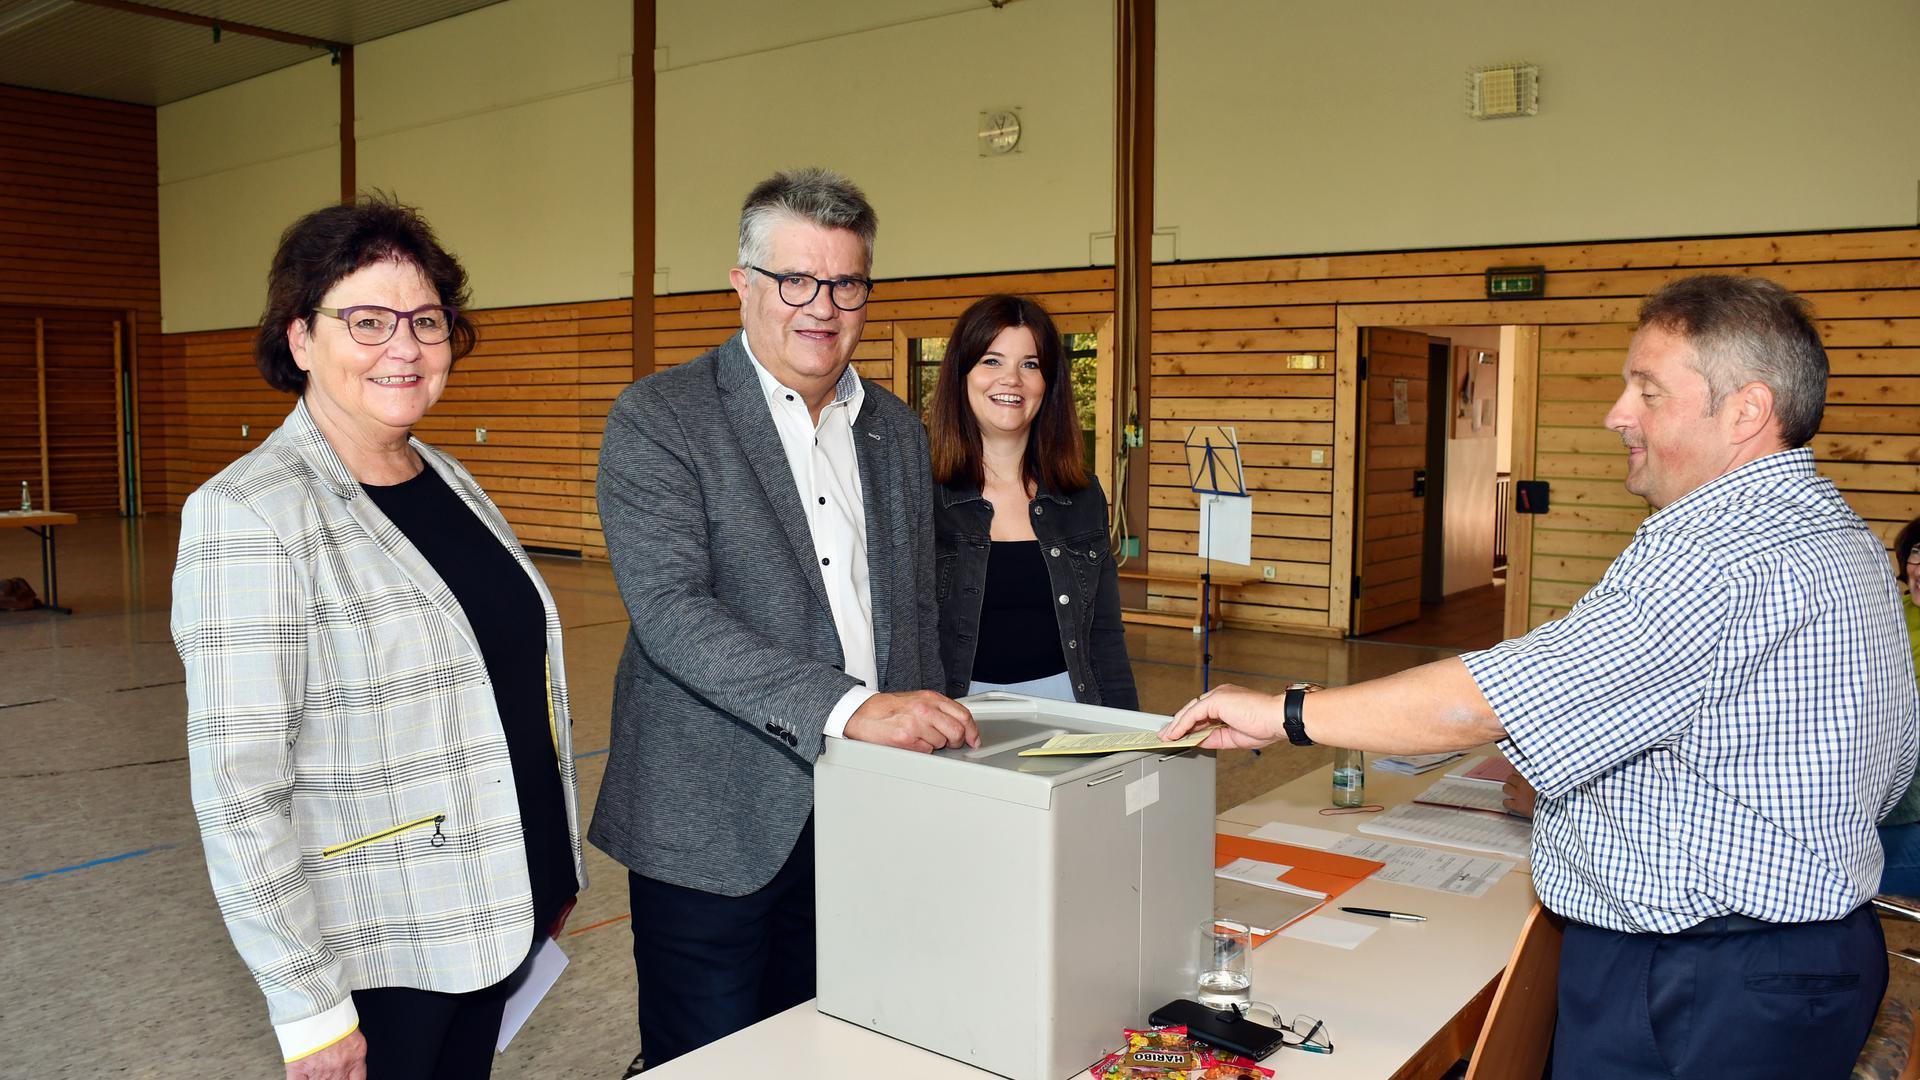 Oberbürgermeister Hubert Schnurr gibt seine Stimme ab. Bei der Bürgermeisterwahl in Bühl war er der einzige Kandidat.